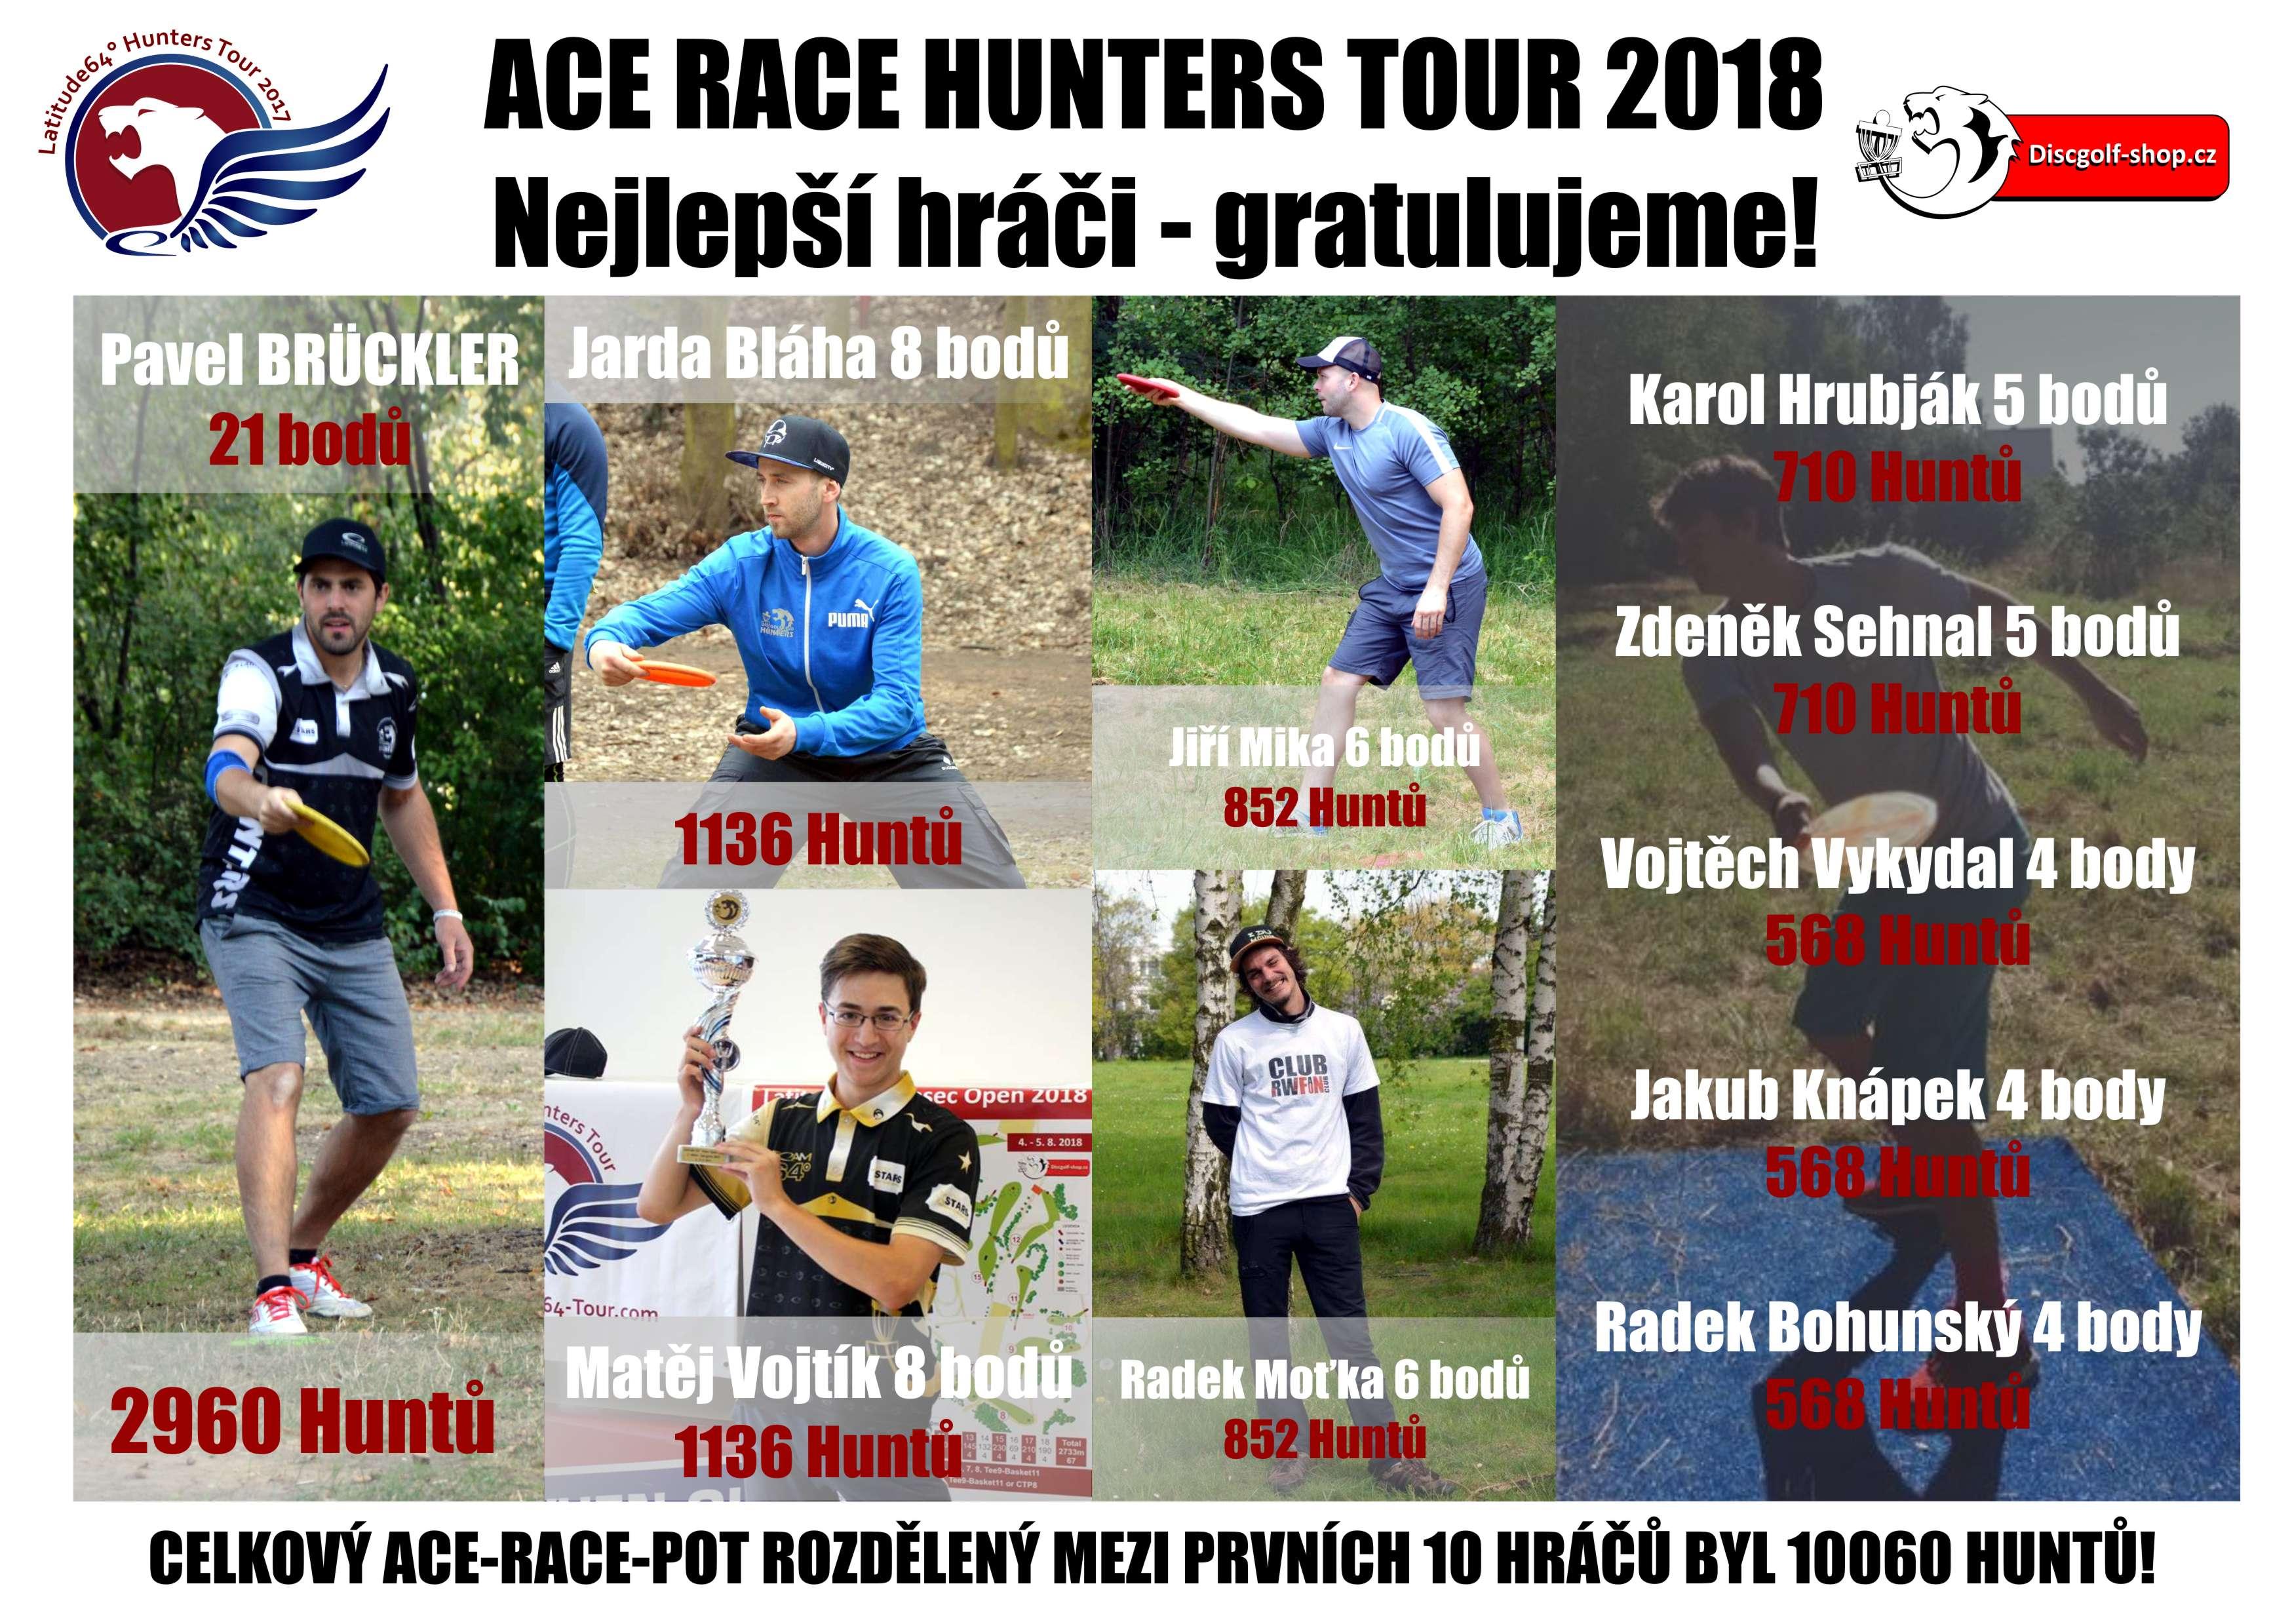 Celkové výsledy Ace Race Tour 2018